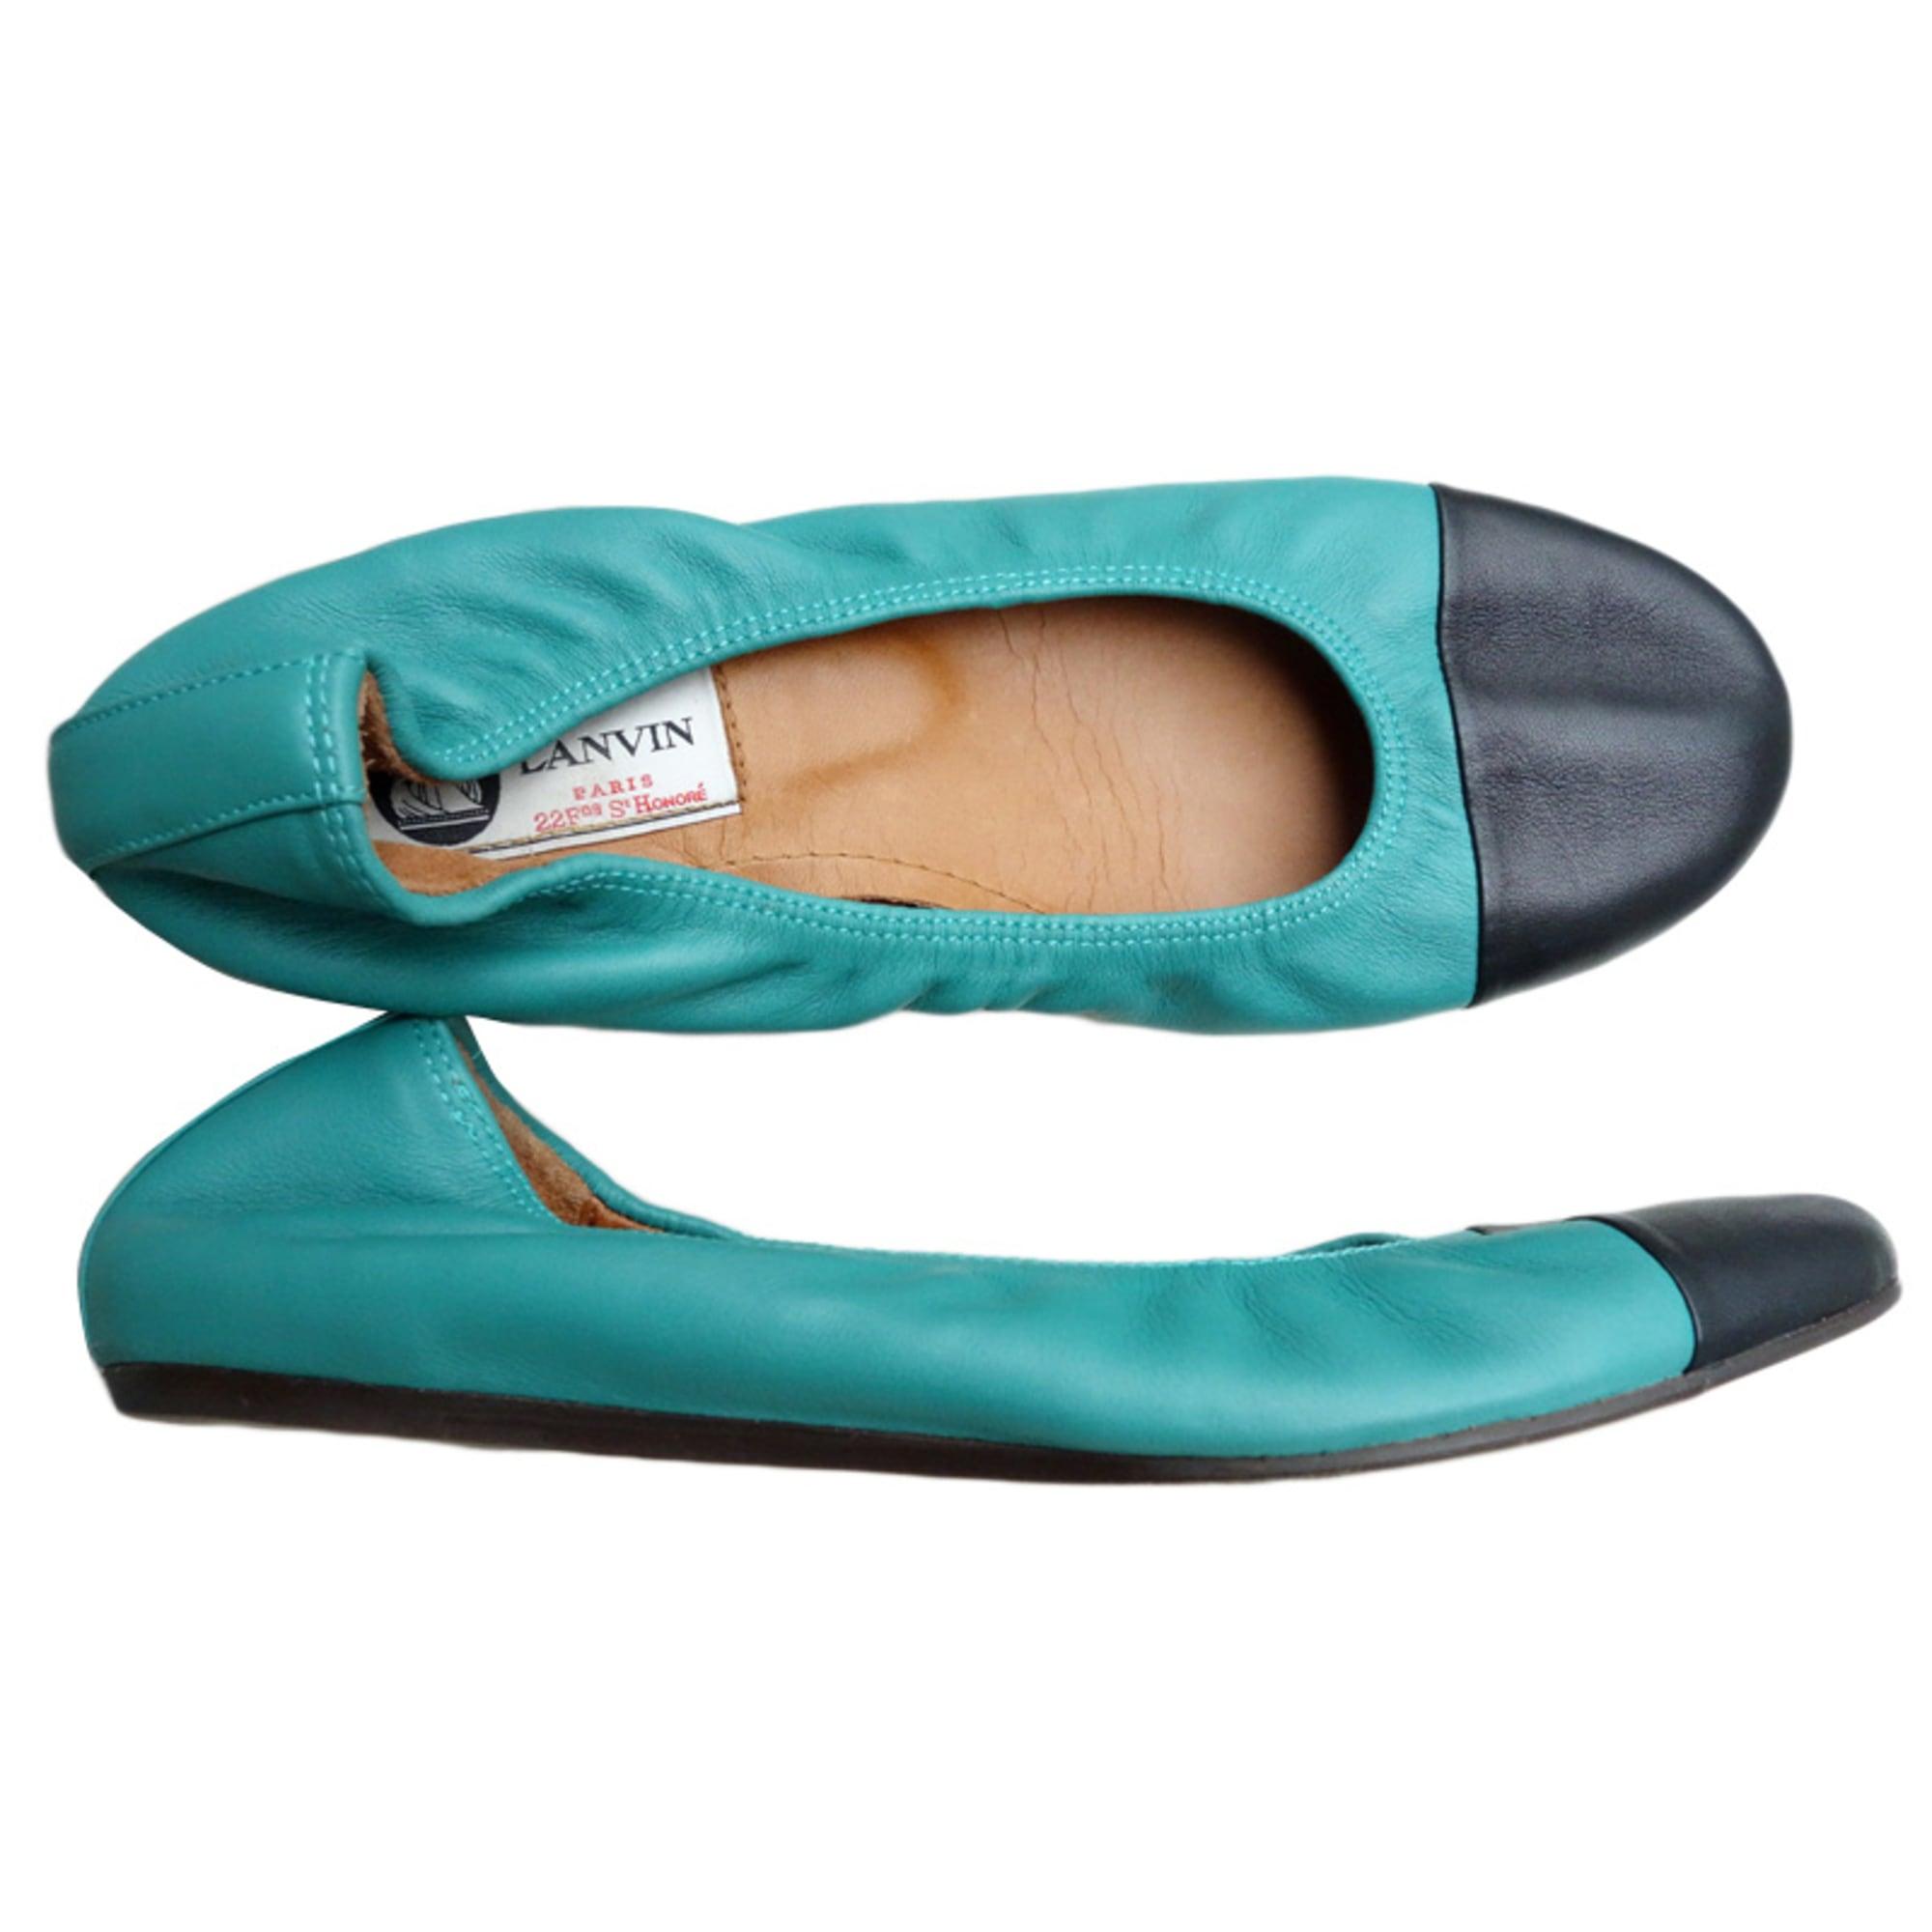 35d7c3e2a4a Ballet Flats LANVIN Vert malachite   Noir